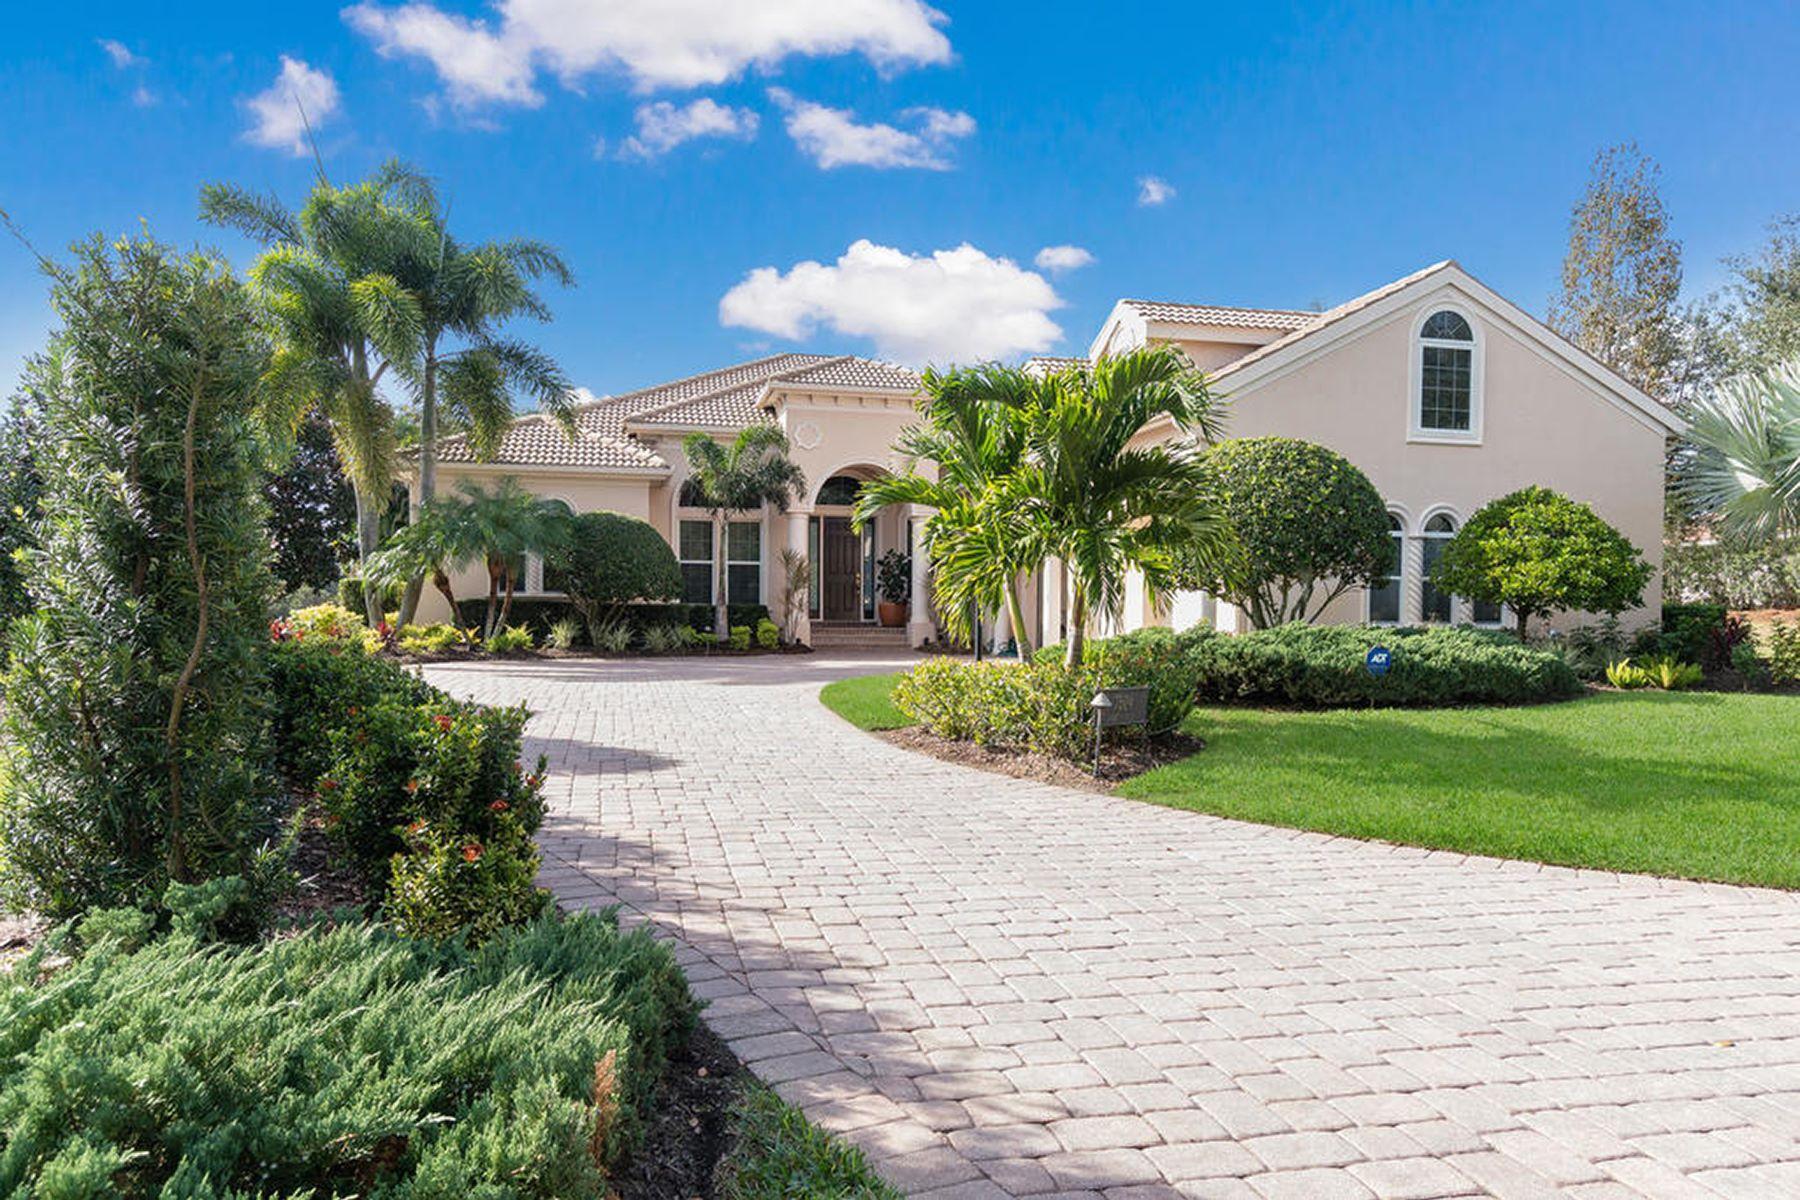 단독 가정 주택 용 매매 에 LAKEWOOD RANCH COUNTRY CLUB 7504 Abbey Lakewood Ranch, 플로리다, 34202 미국